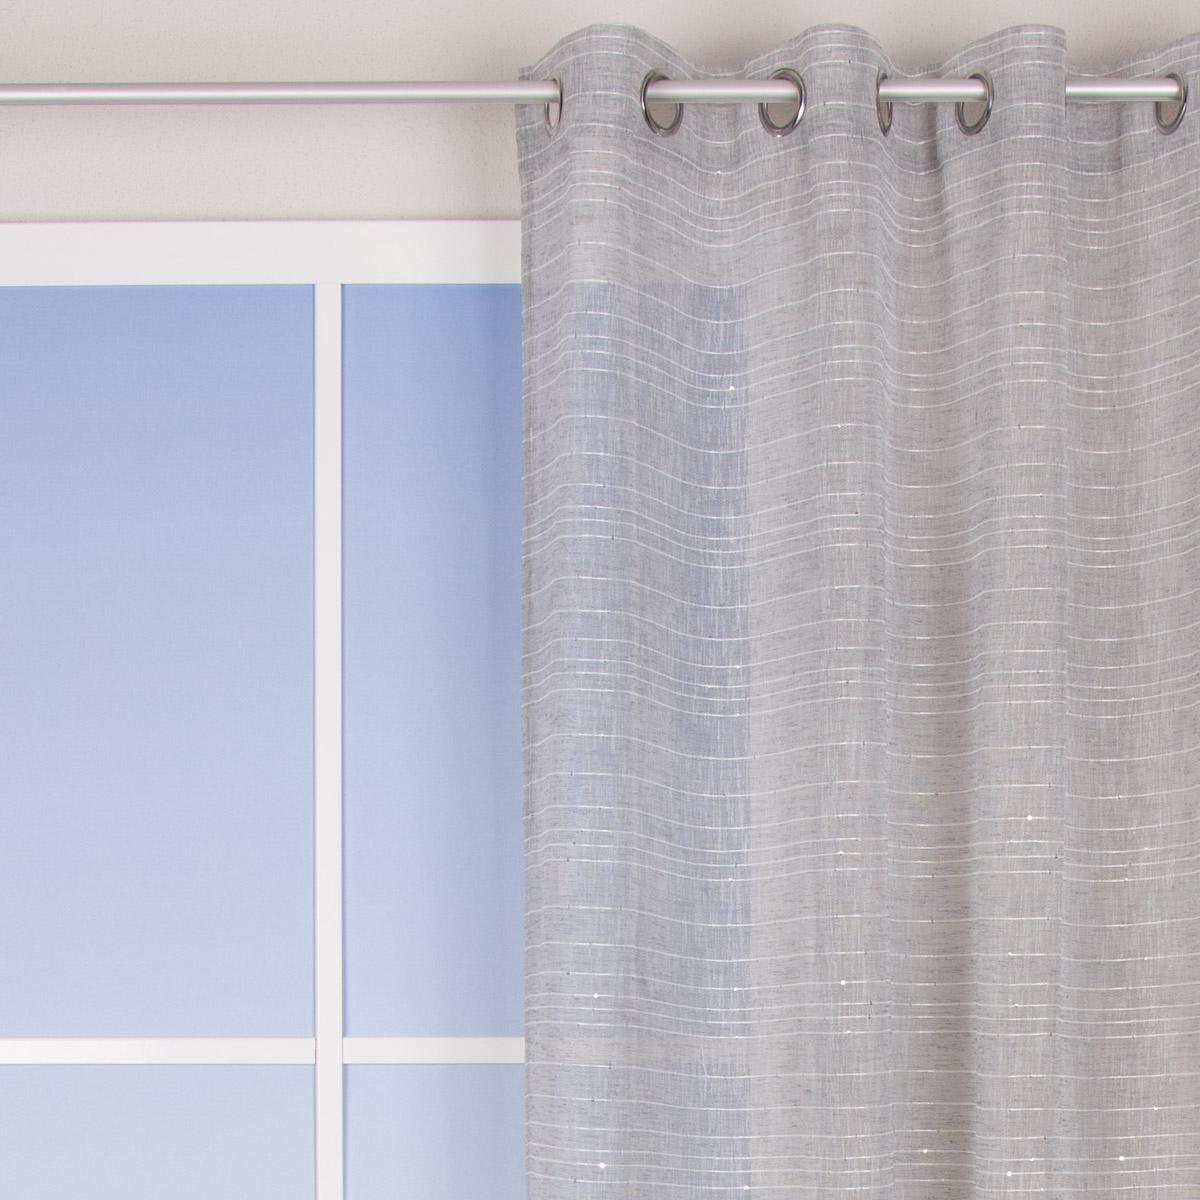 sengardine schnurstreifen mit glitzerpailletten grau wei 135x260cm inspirationen stilwelten. Black Bedroom Furniture Sets. Home Design Ideas